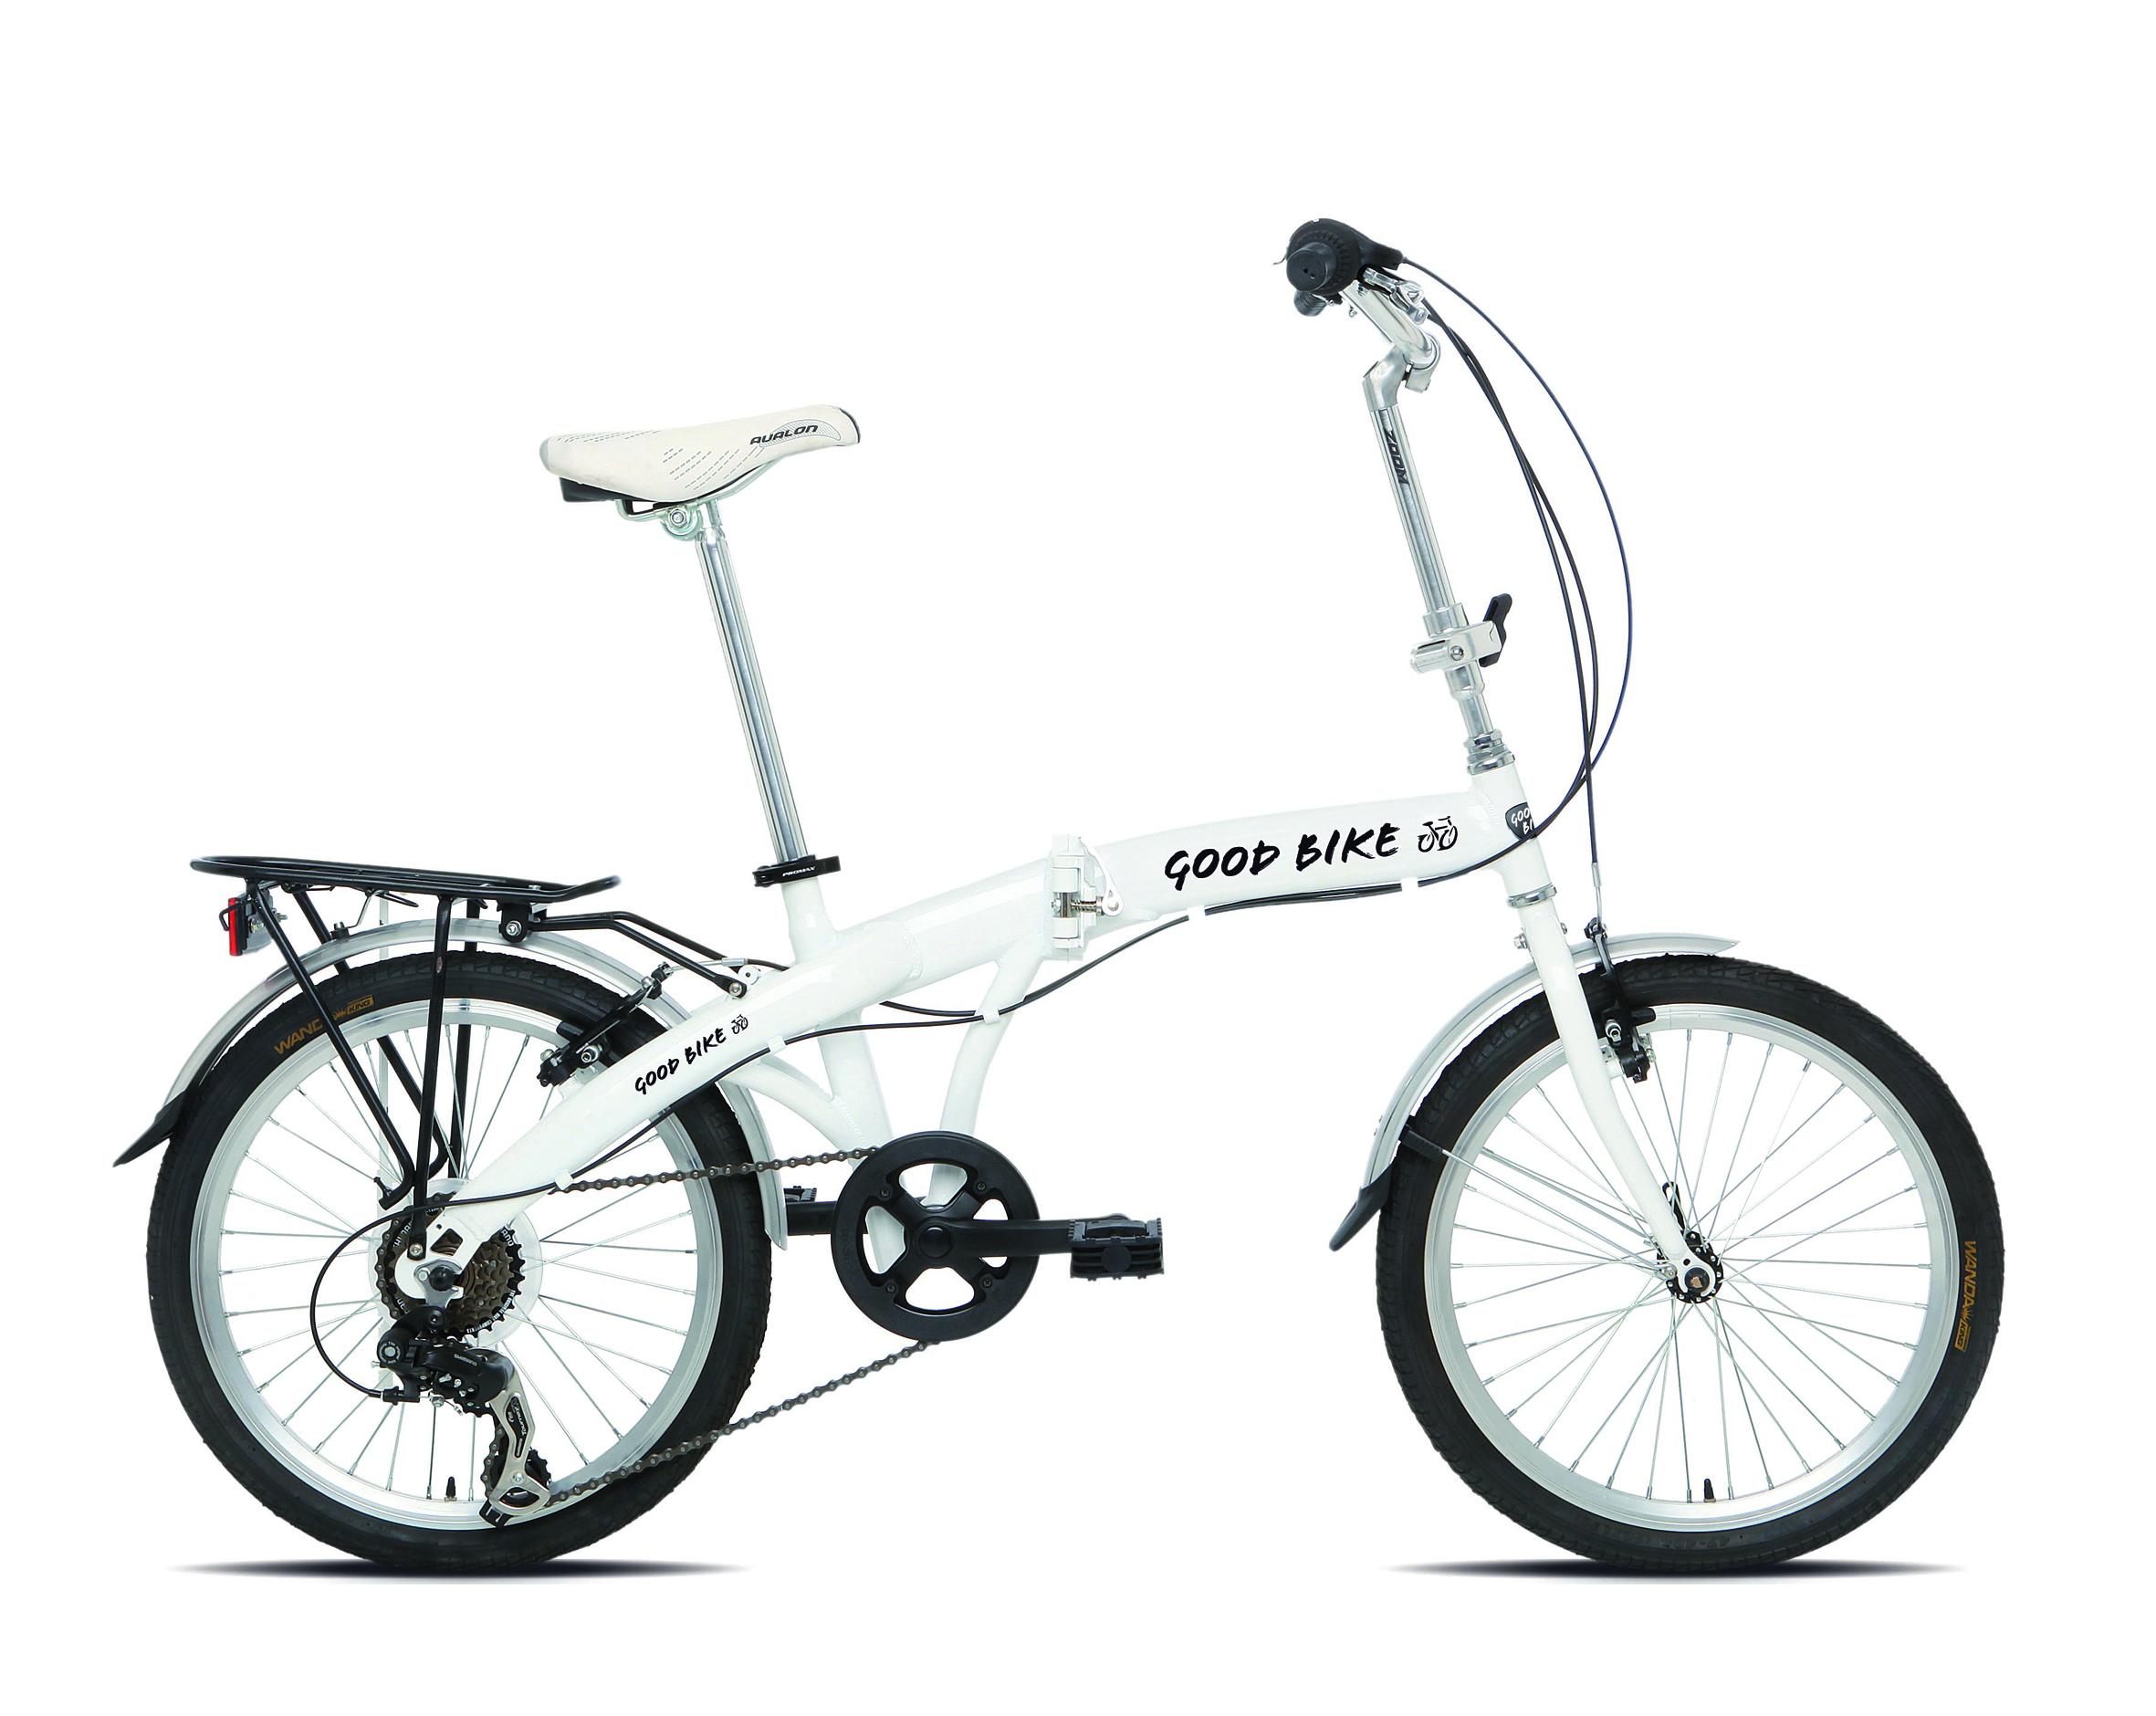 Goodbike Skládací kolo FOLDABLE 77408 bílé 20'' velikost univerzální